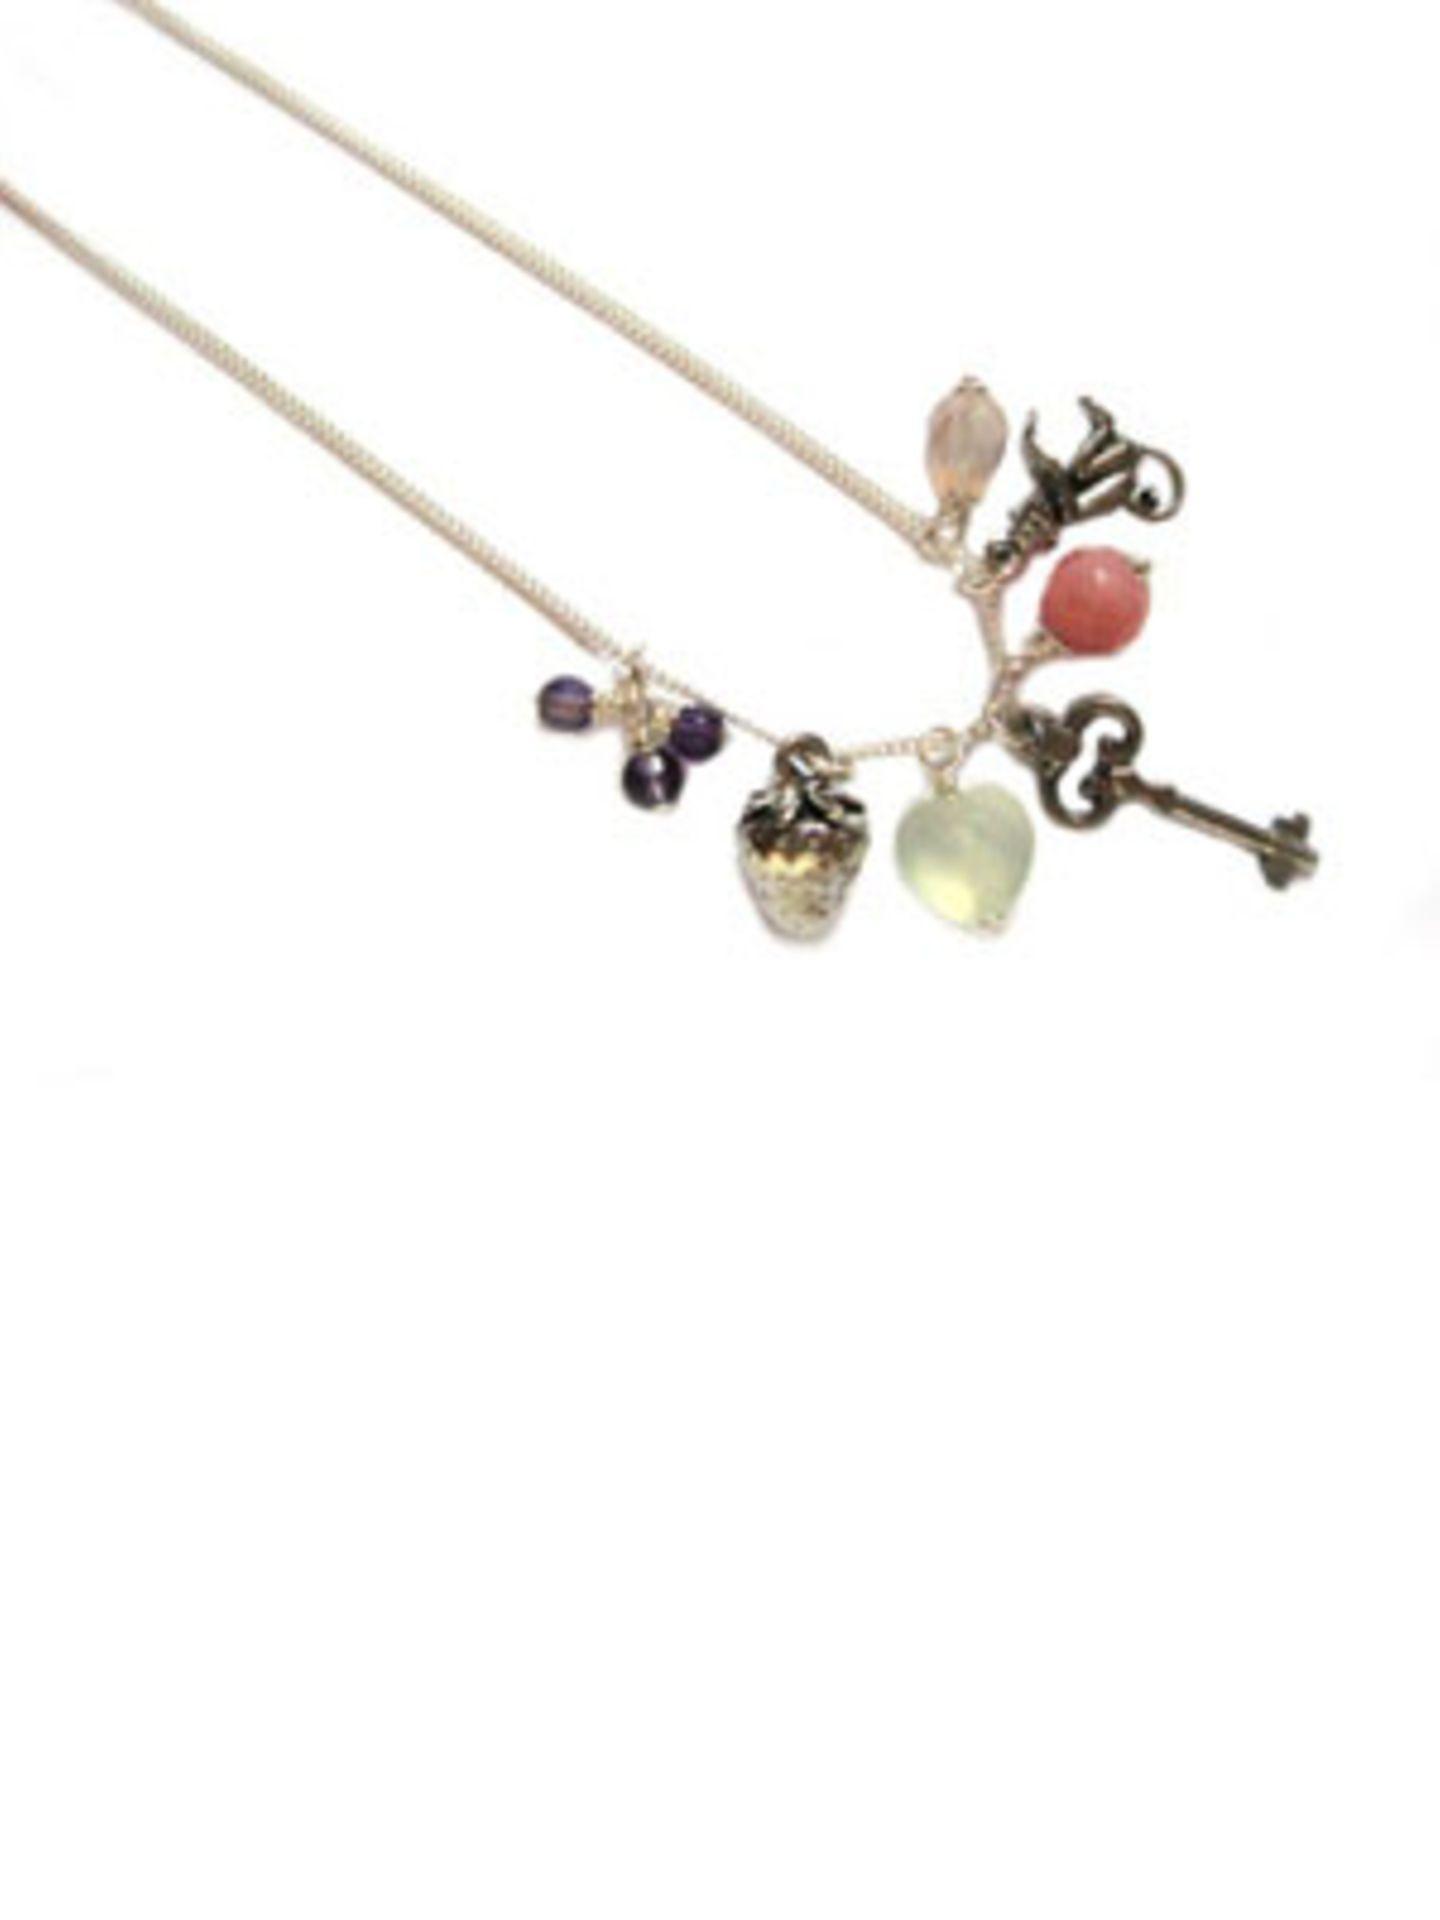 Lange Silberkette mit verschiedenen Charms, darunter ein kleiner Schlüssel und eine Erdbeere, von Daily Obsessions, um 80 Euro. Über www.dailyobsessions.com.